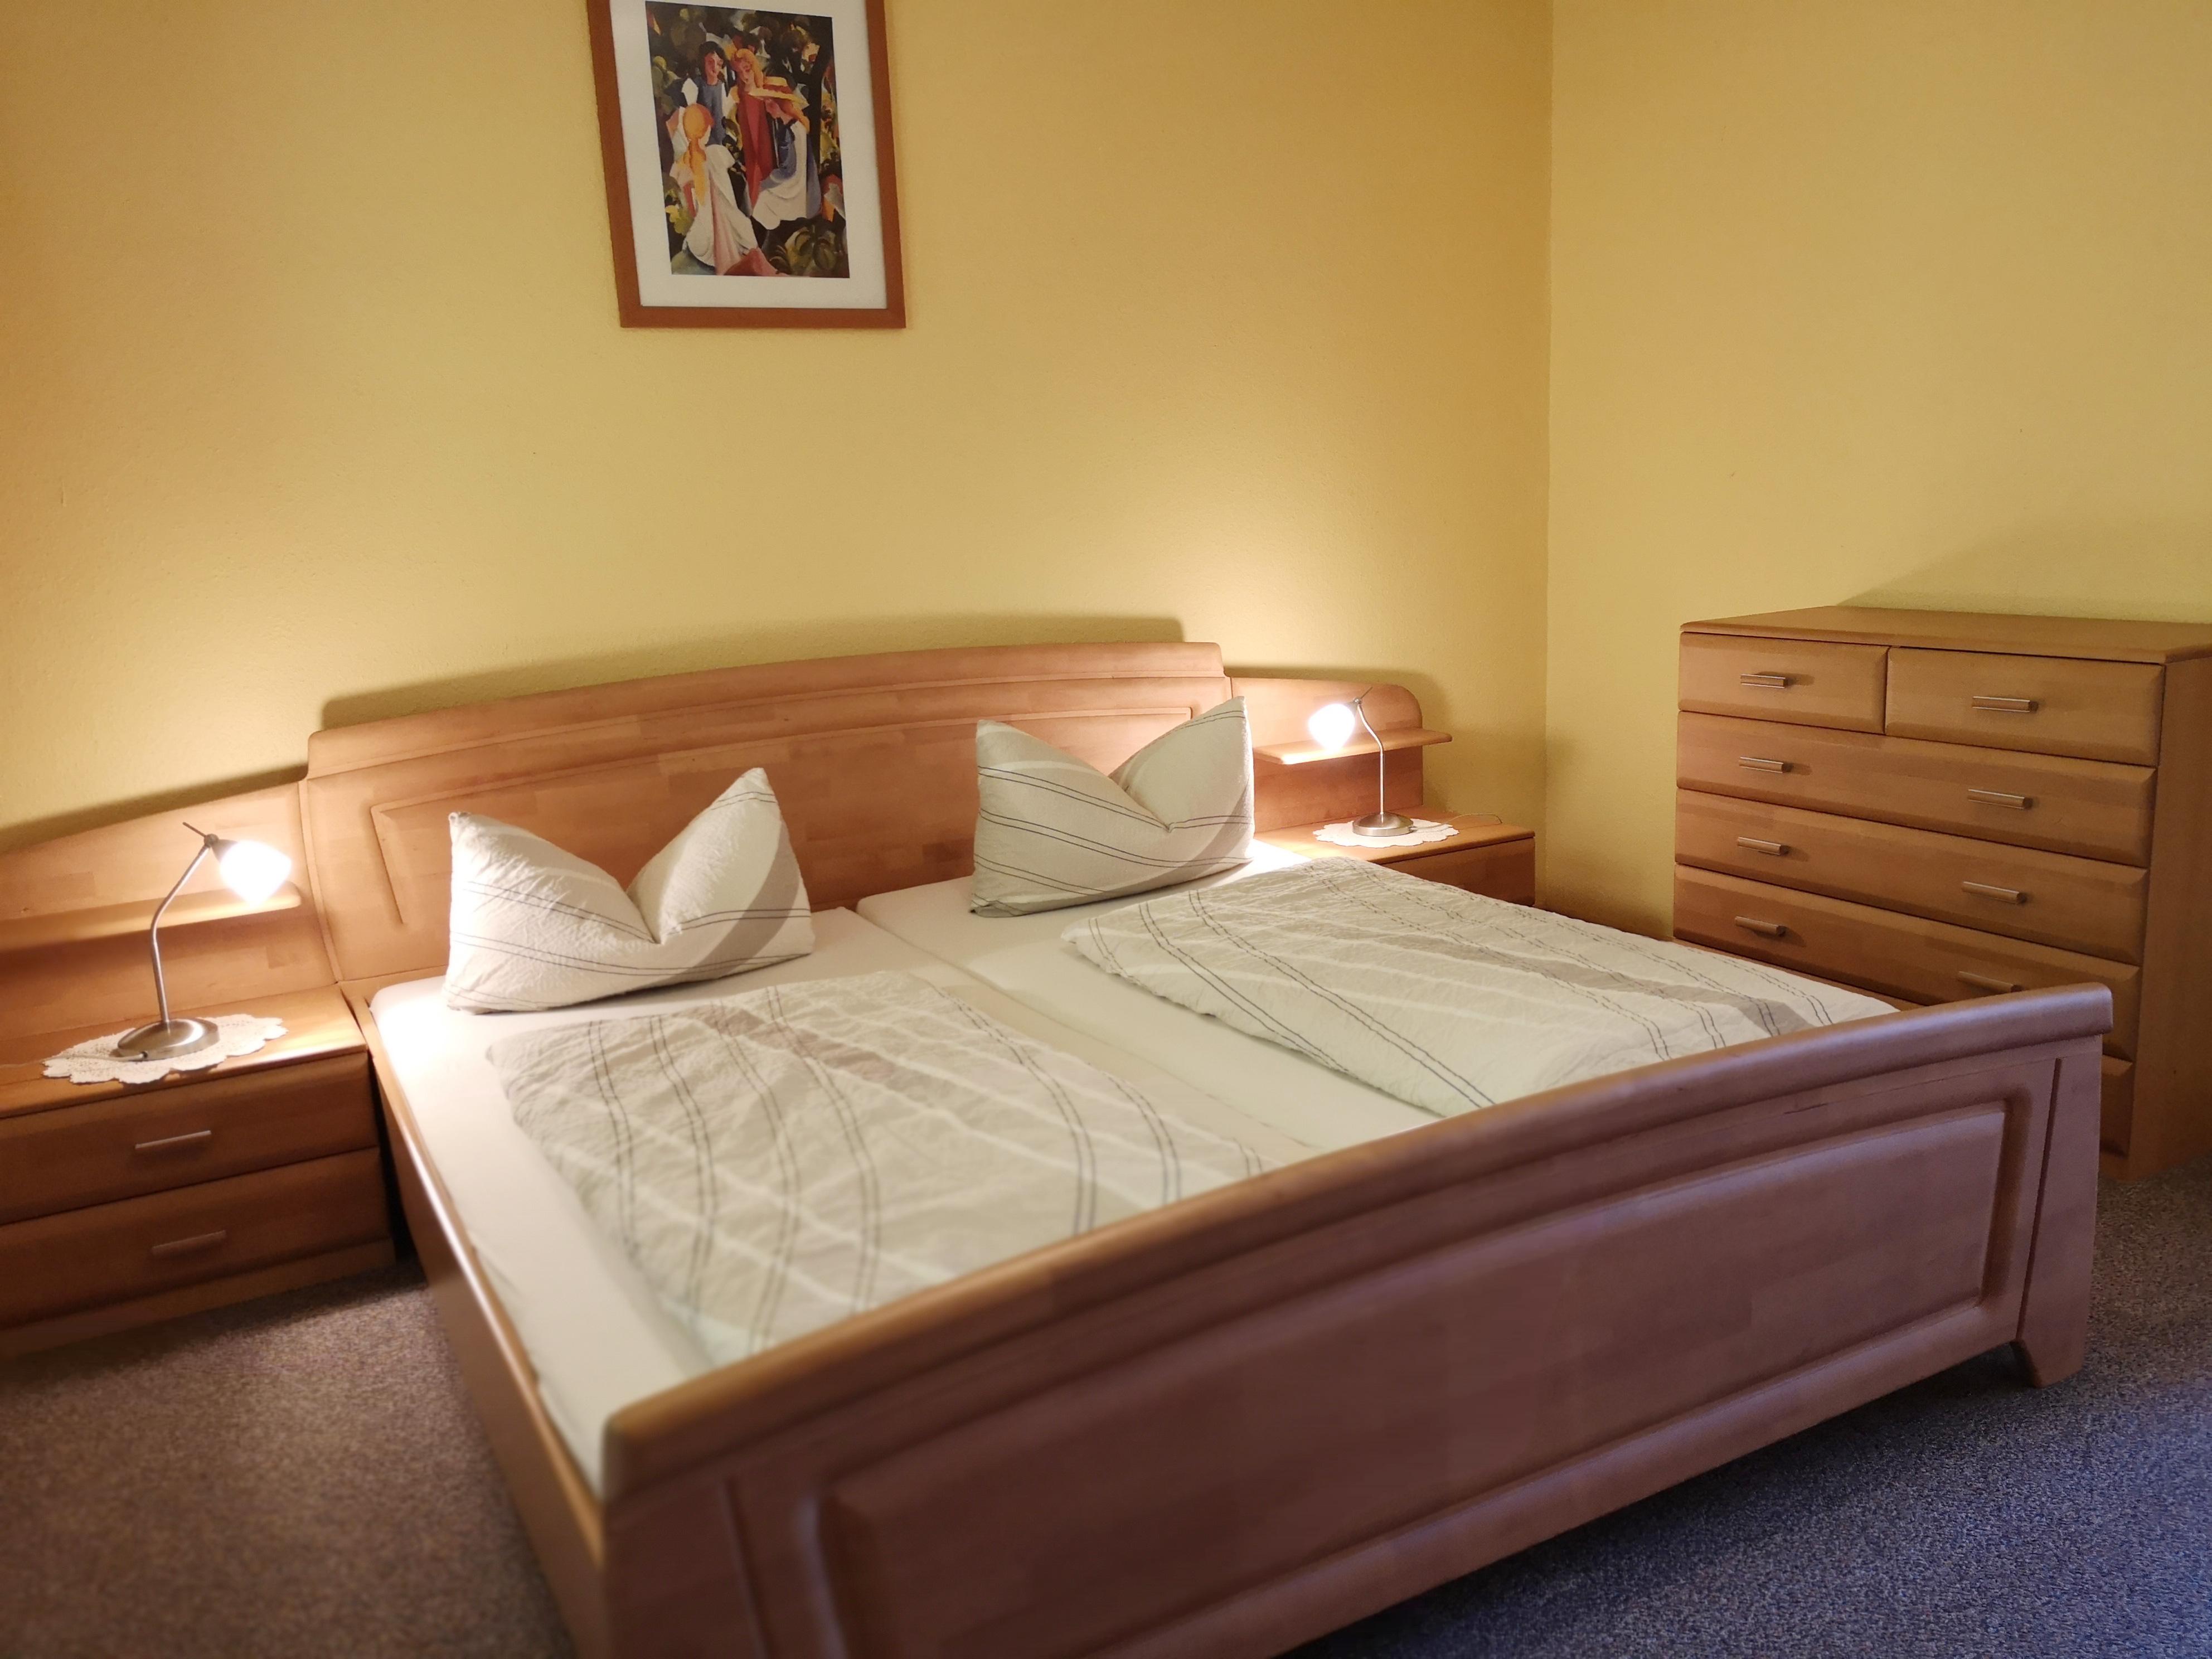 Ferienwohnung Gästehaus Martin (Werbach-Gamburg). Ferienwohnung 90 qm für 5 Personen mit zwei Schlafzimm (2661053), Werbach, Taubertal, Baden-Württemberg, Deutschland, Bild 6